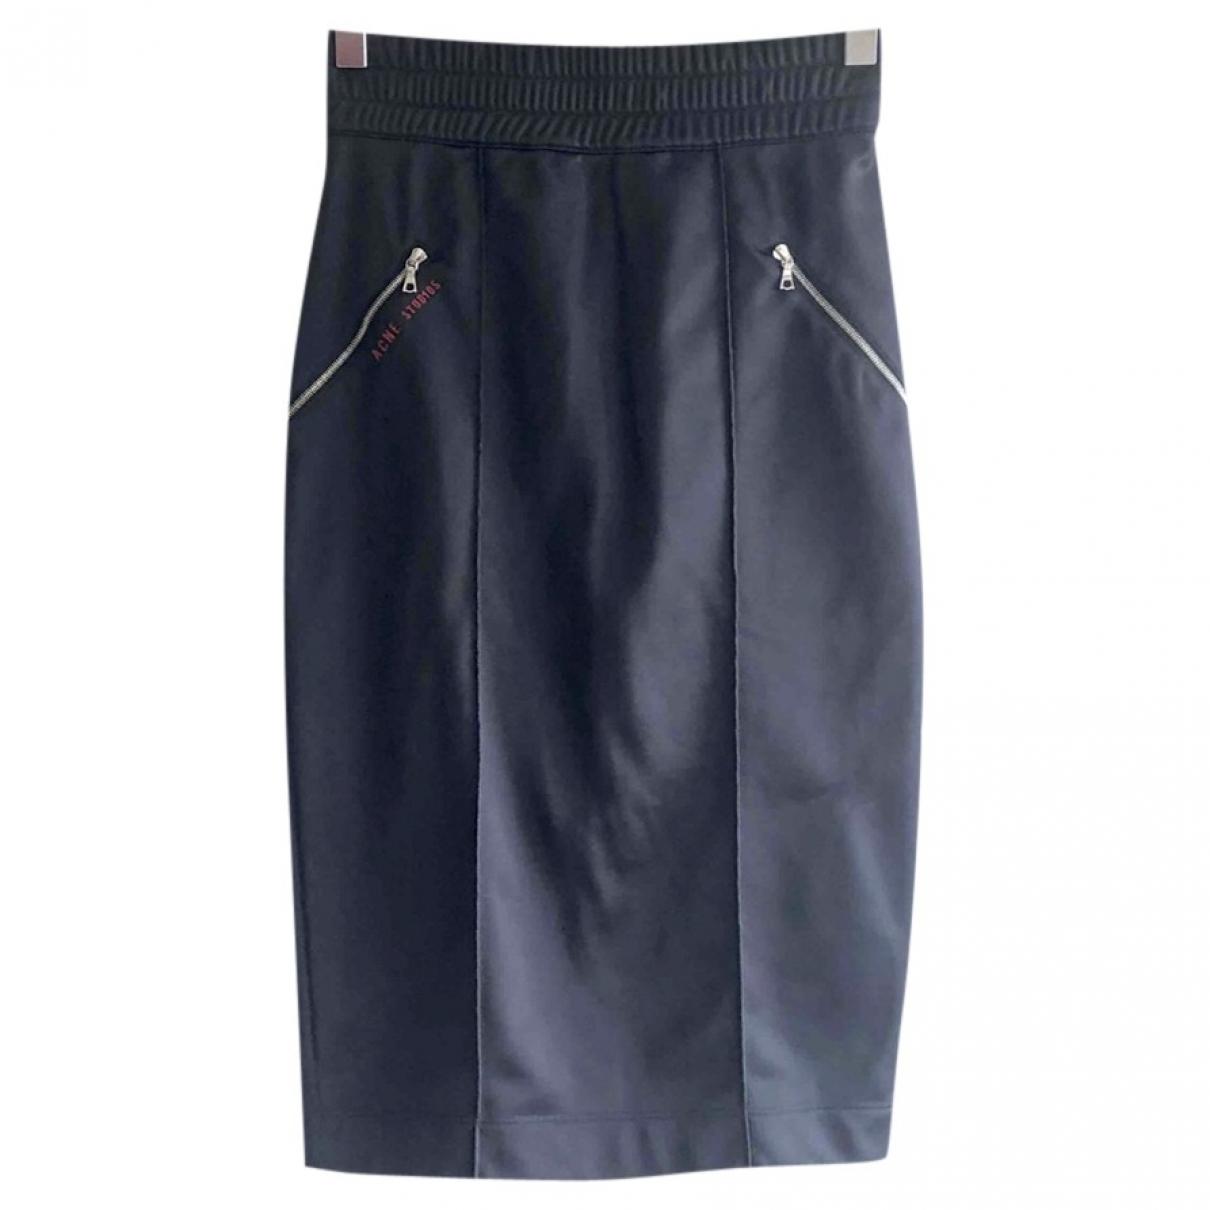 Acne Studios \N Navy skirt for Women XXS International